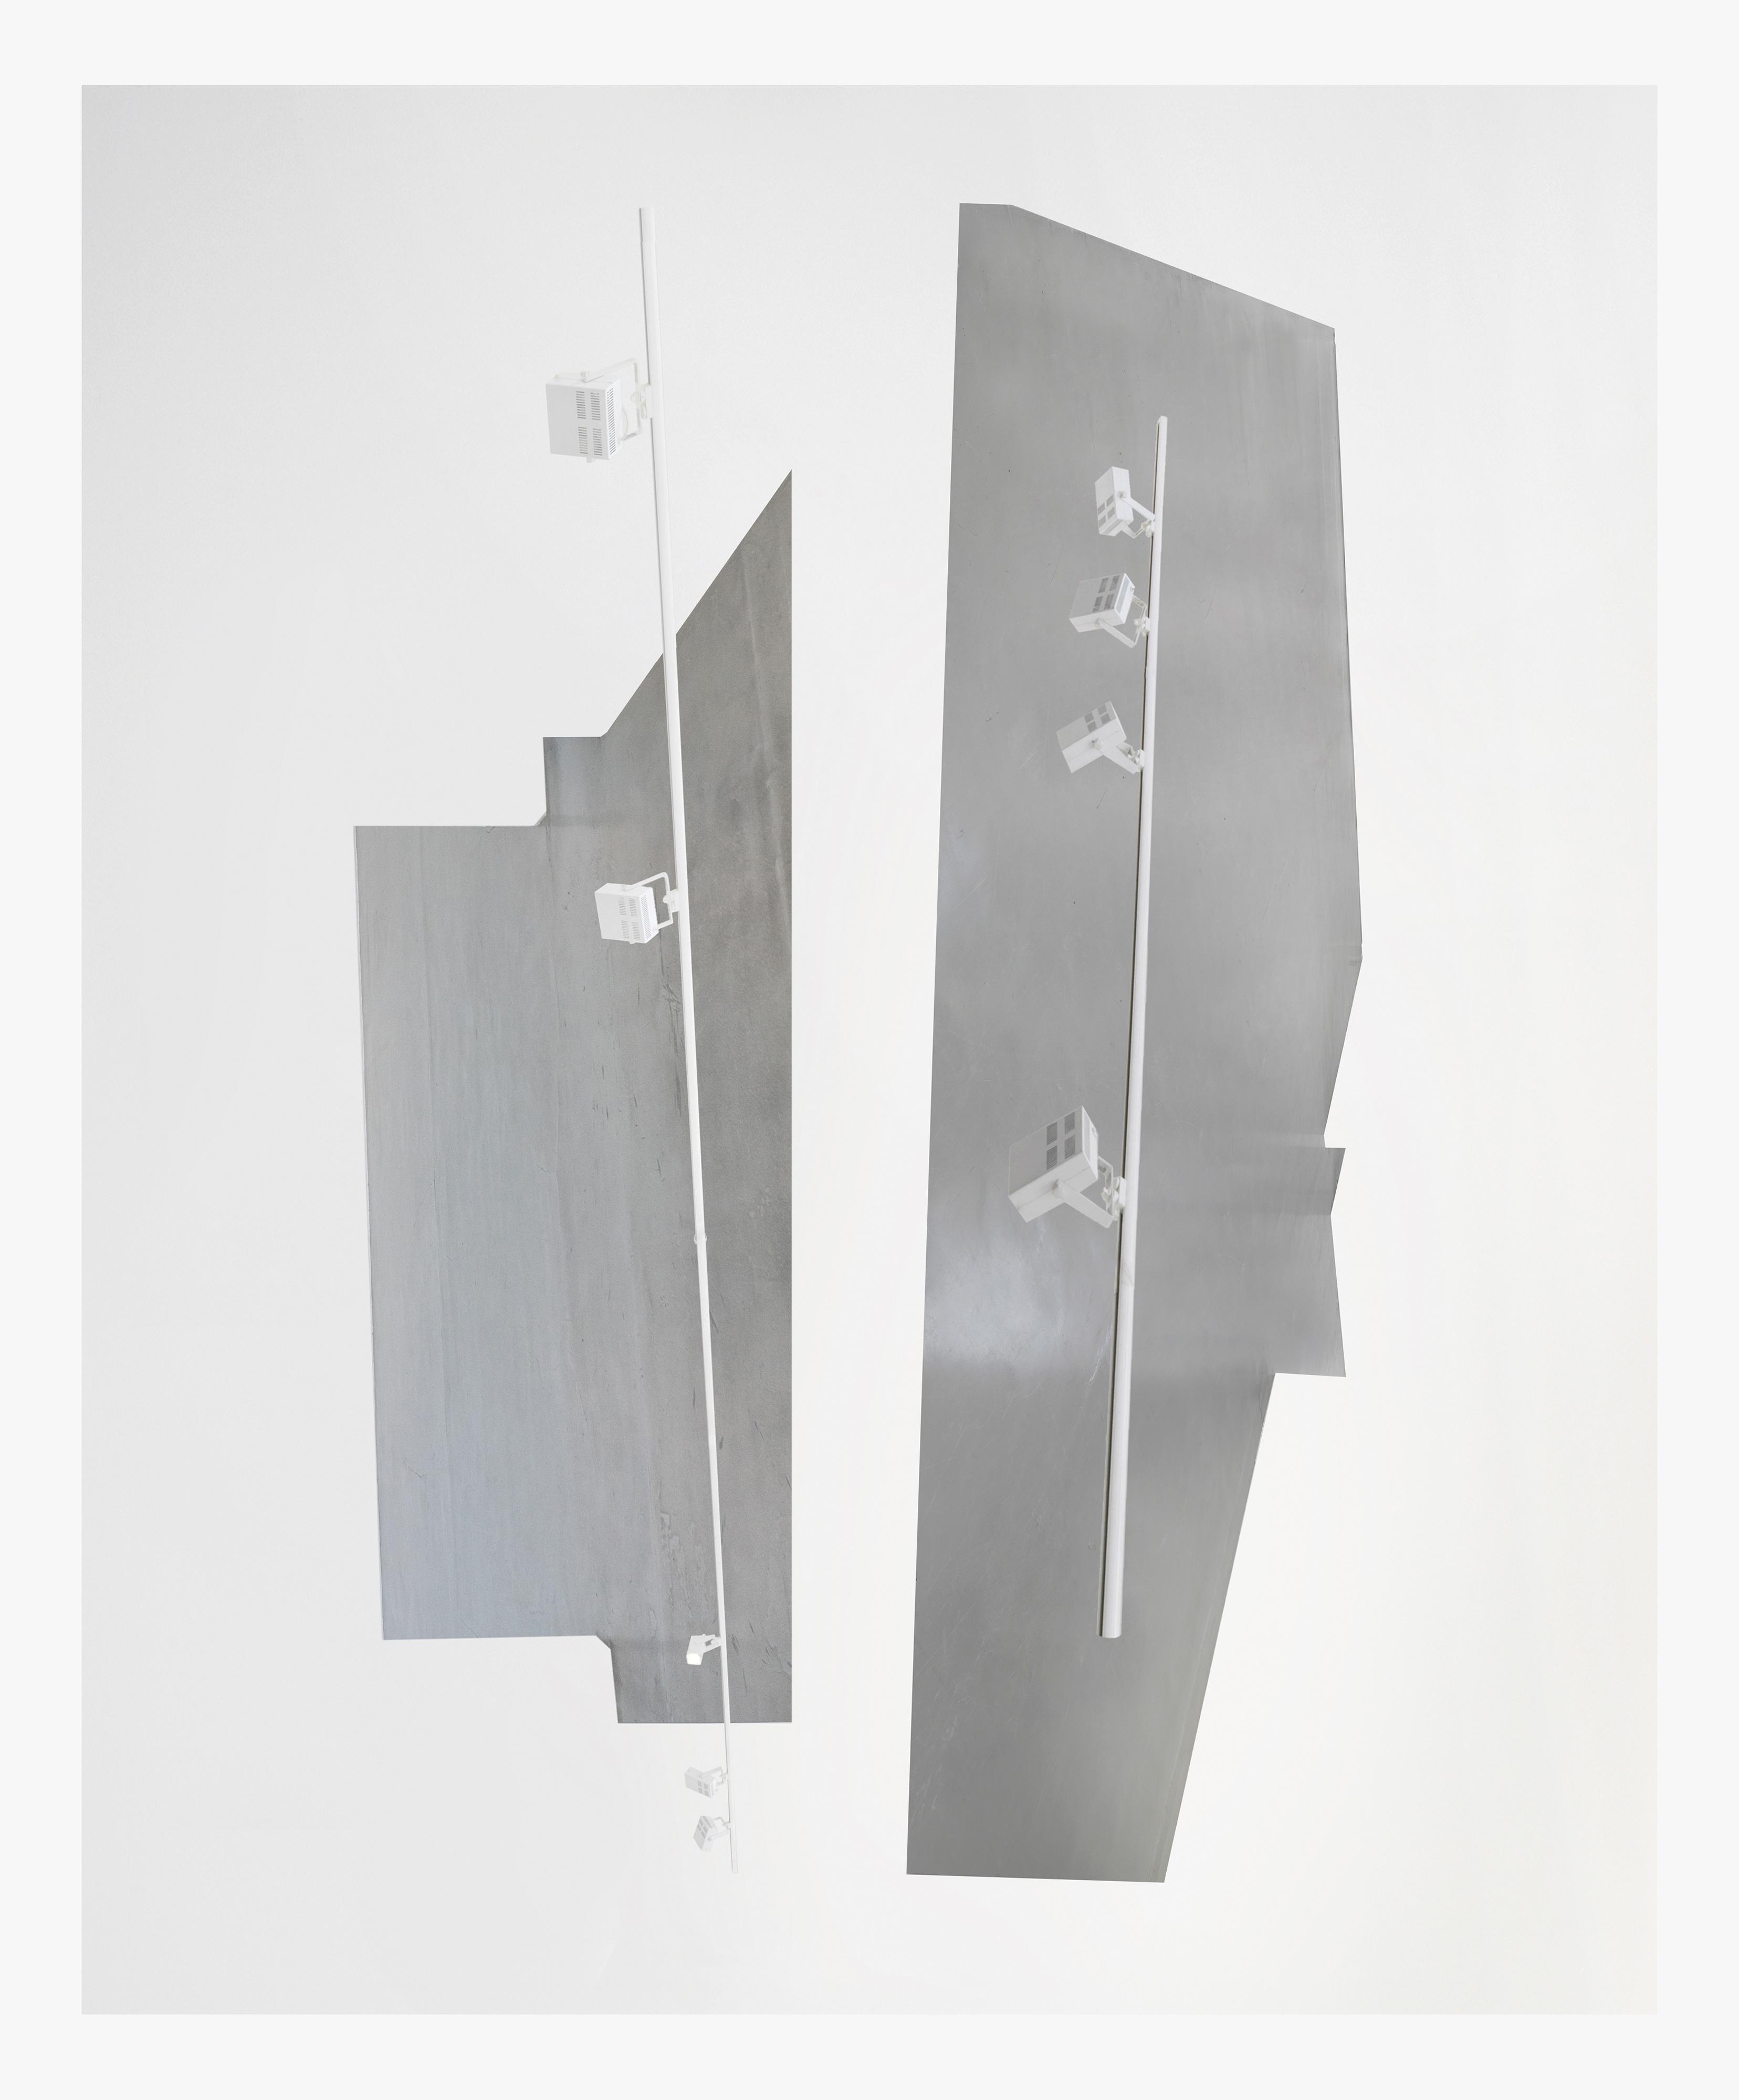 Galerie Barbara Thumm \ New Viewings #10 \ Tilman Wendland